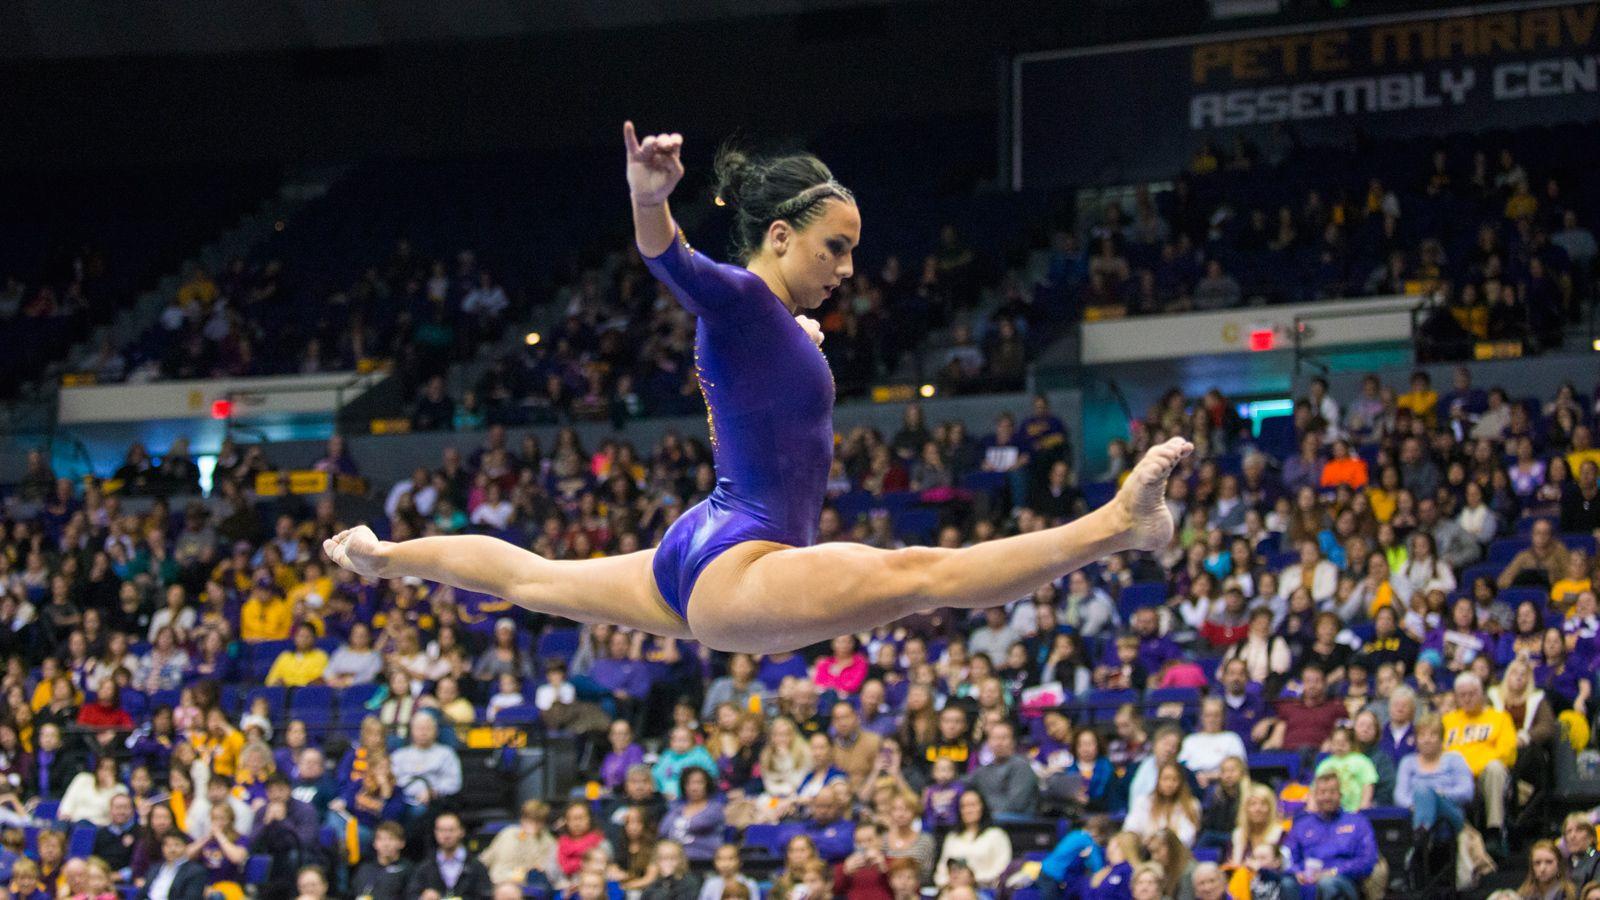 Sec Gymnasts Of The Week